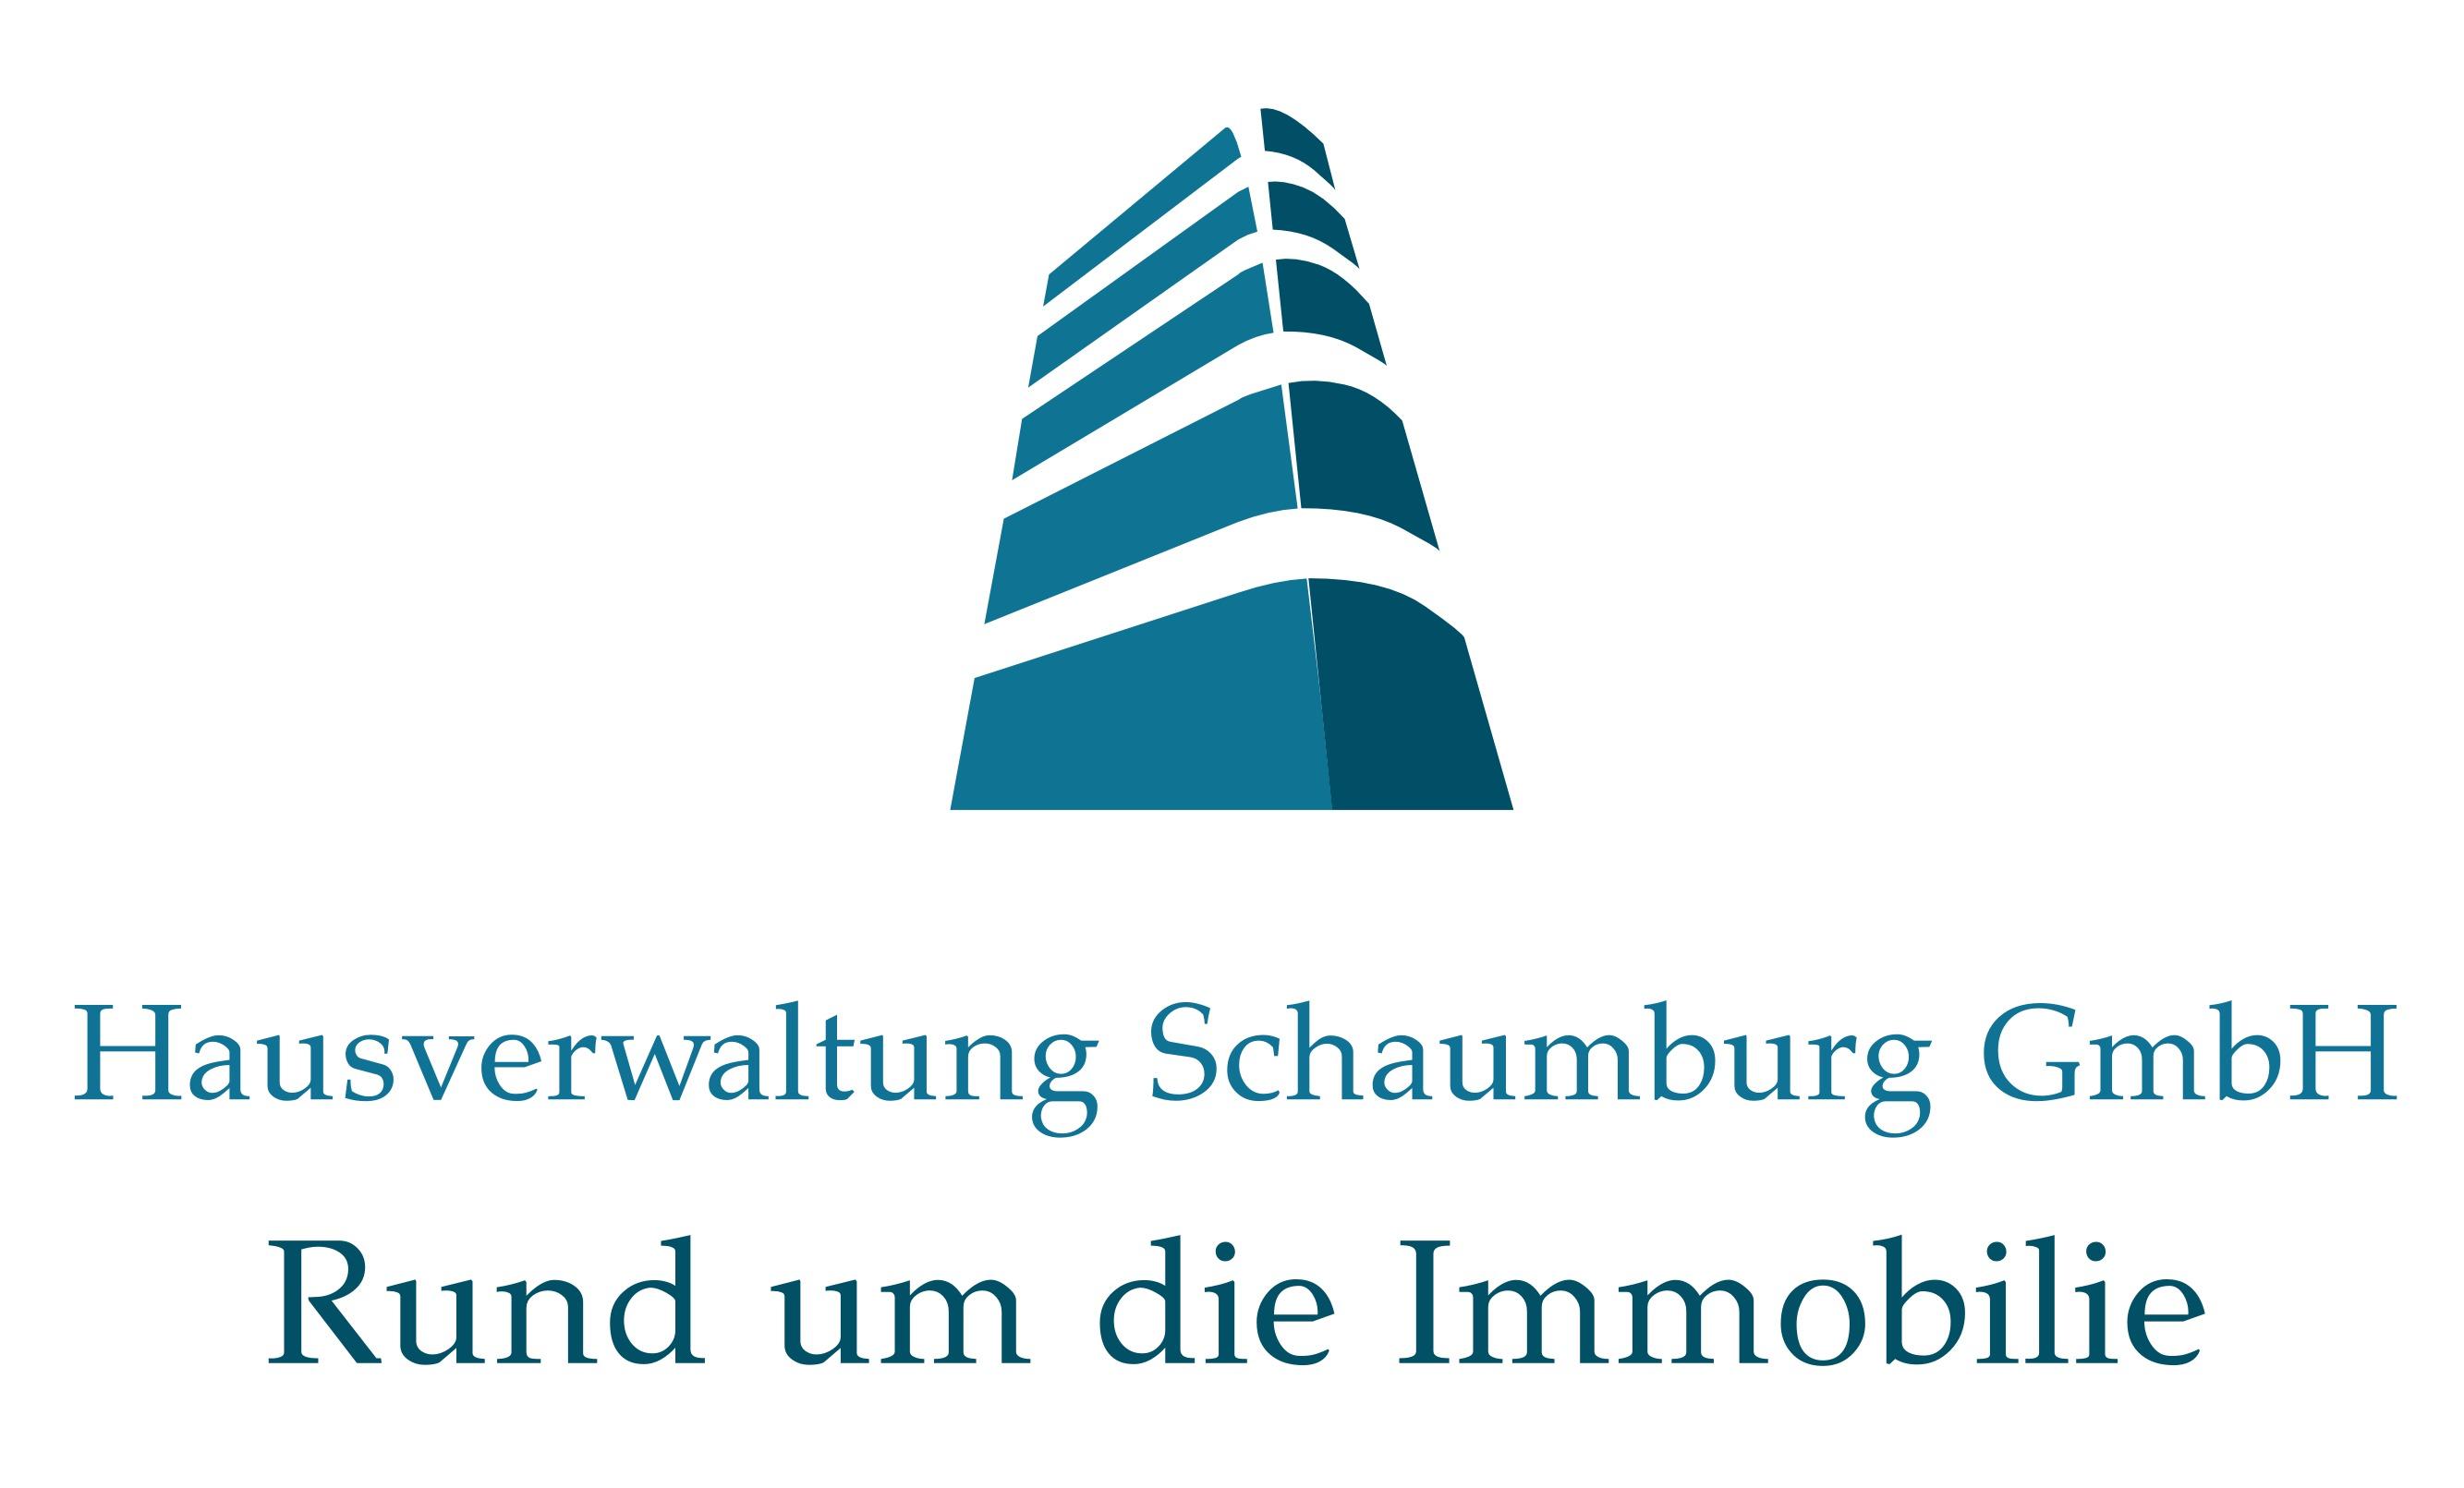 Hausverwaltung Schaumburg GmbH